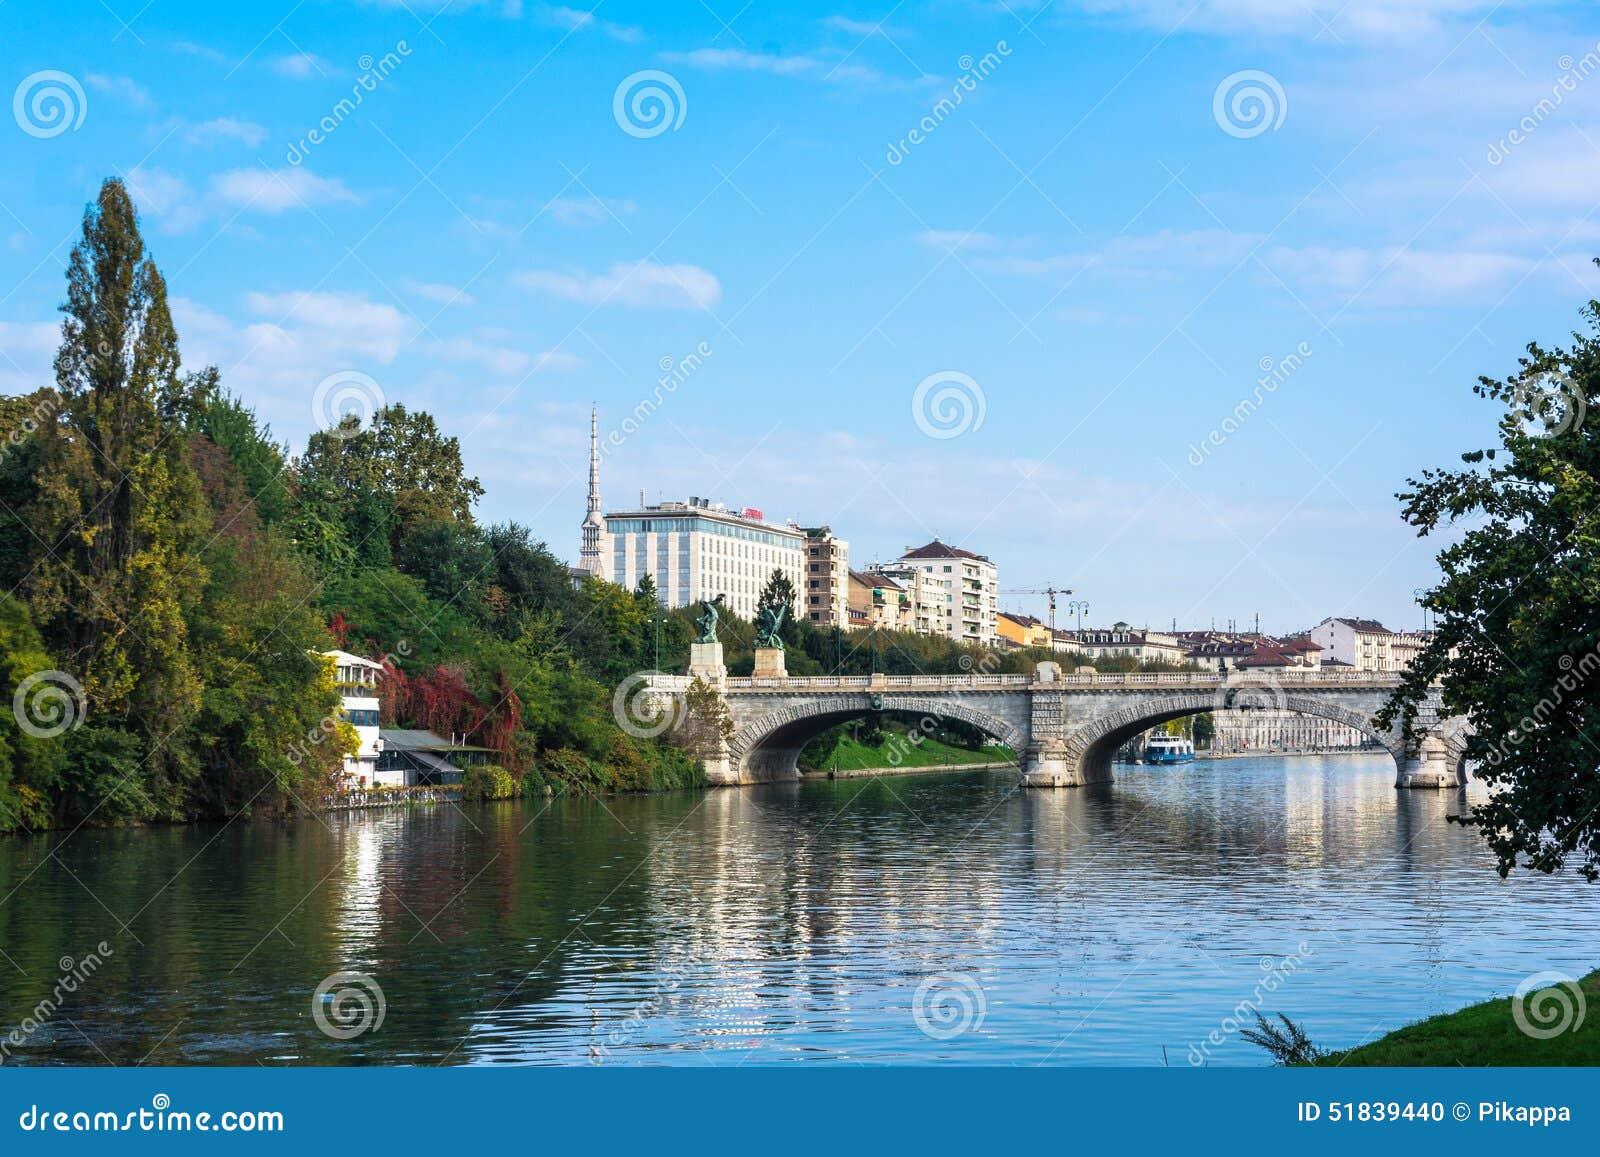 40e6c53f80 The Bridge Over The Po River In Turin Editorial Image - Image of ...